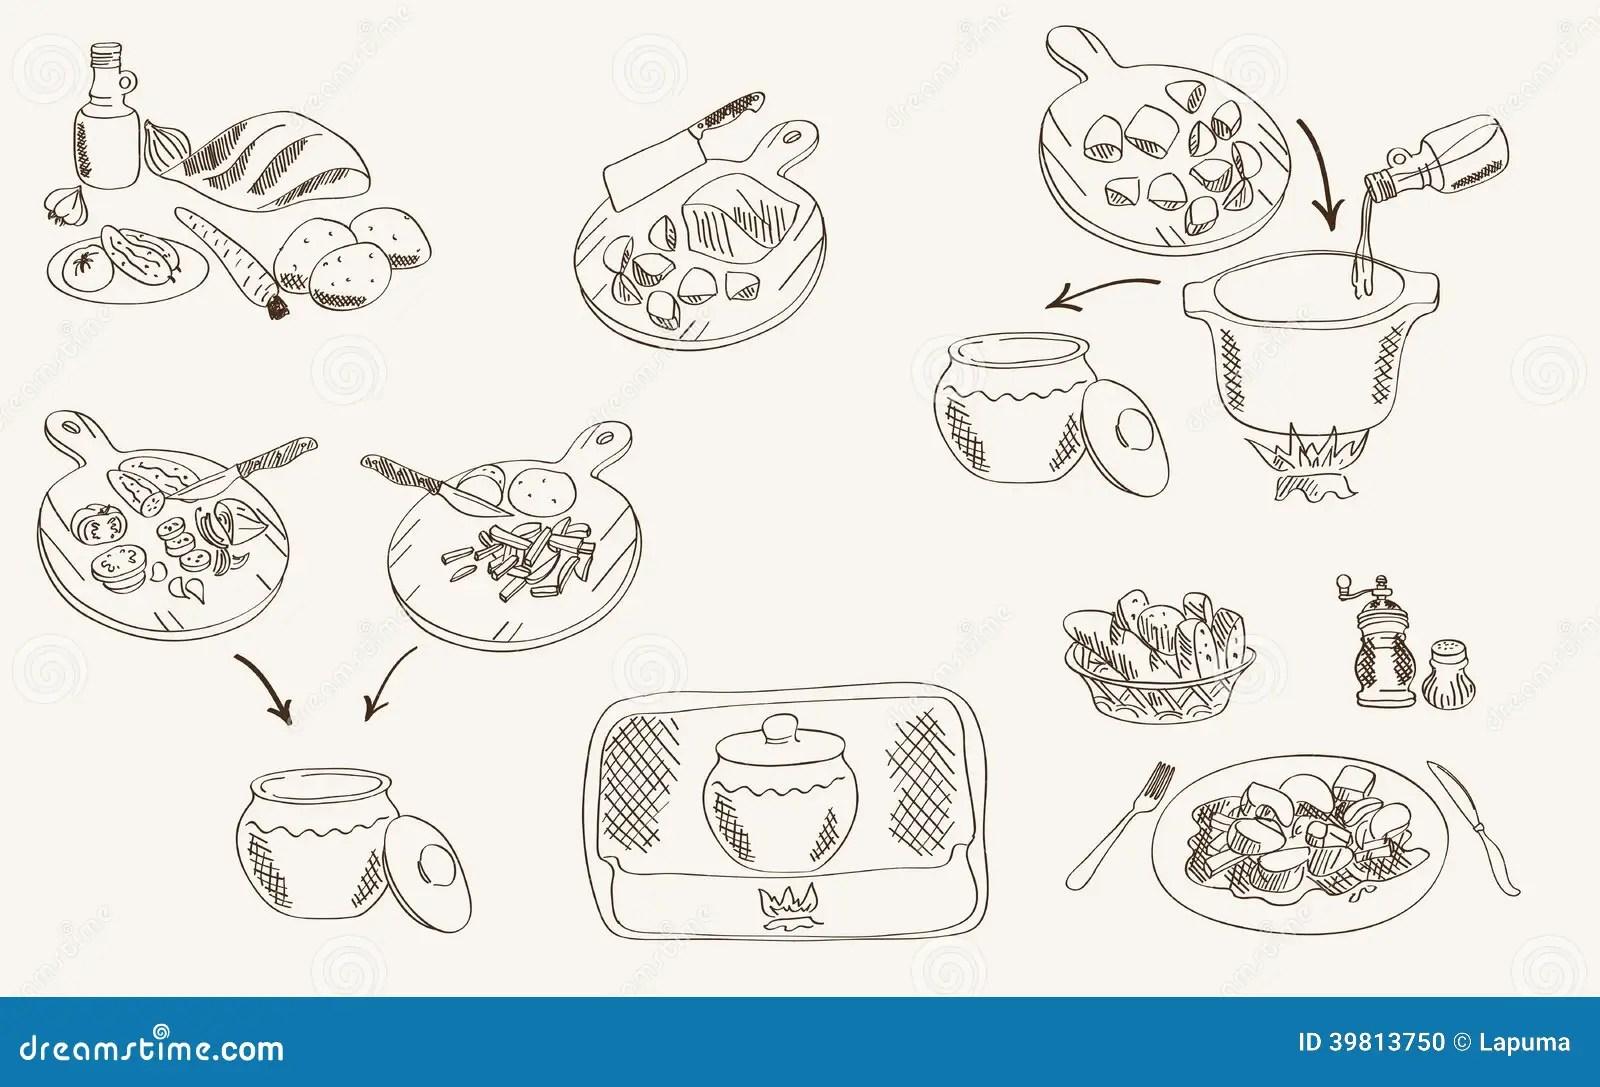 Proces Om Rundvlees In Een Pot Te Koken Vector Illustratie